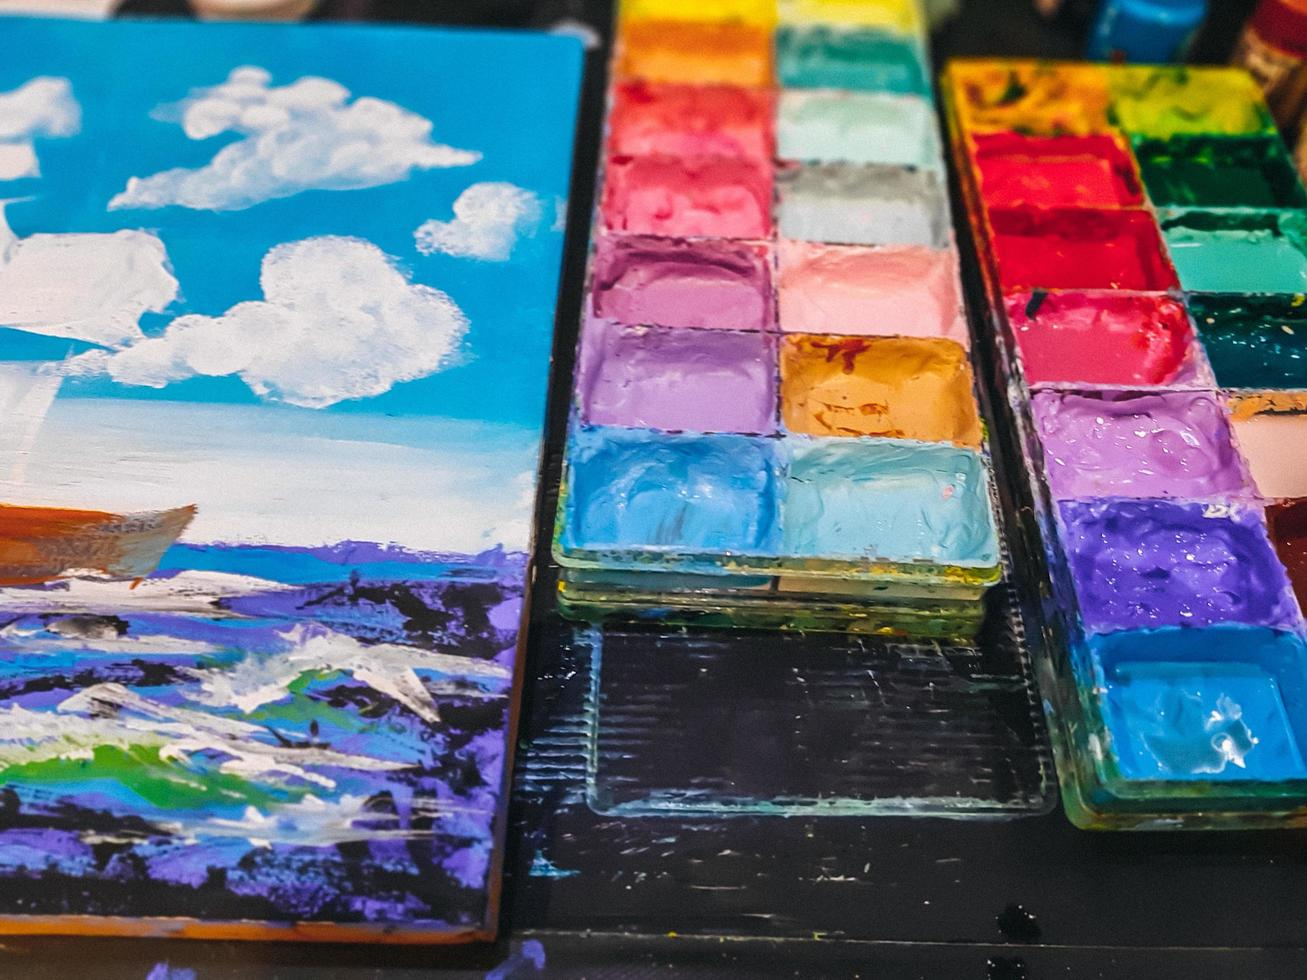 aquarelle dans une palette, les peintures à l'eau de la palette sur la table, beaucoup de couleurs dans les peintures à l'eau de la palette photo